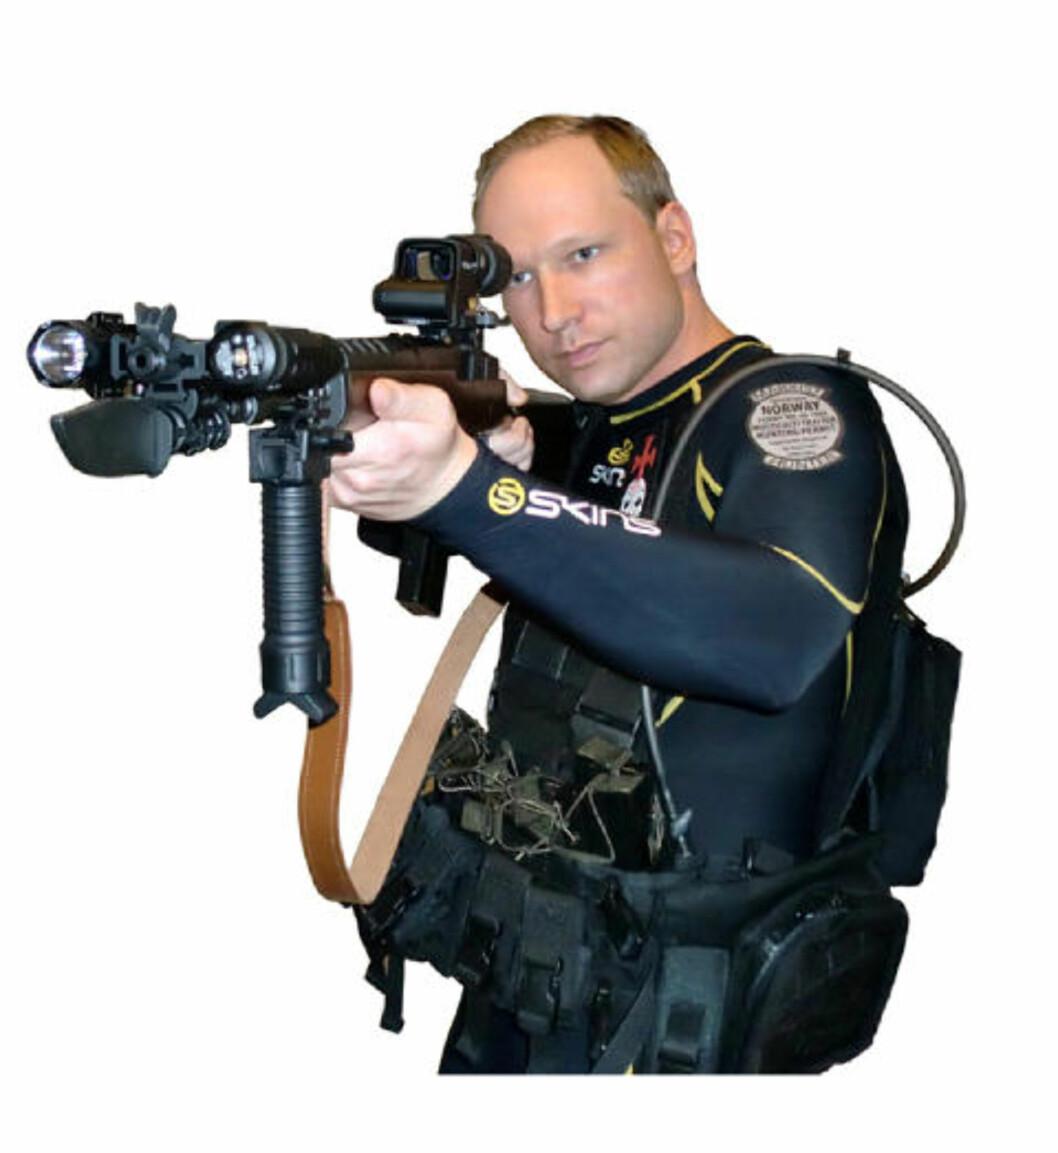 <strong>FREMSTILTE SEG SOM EN SOLDAT:</strong> Behring Breivik avbildet i manifestet med en 223-rifle av merket Ruger Mini-14. Breivik skal også ha vært utstyrt med en pistol av type Glock 9 millimeter da han gjennomførte massakren.  Foto: Faksimile fra manifestet/Scanpix